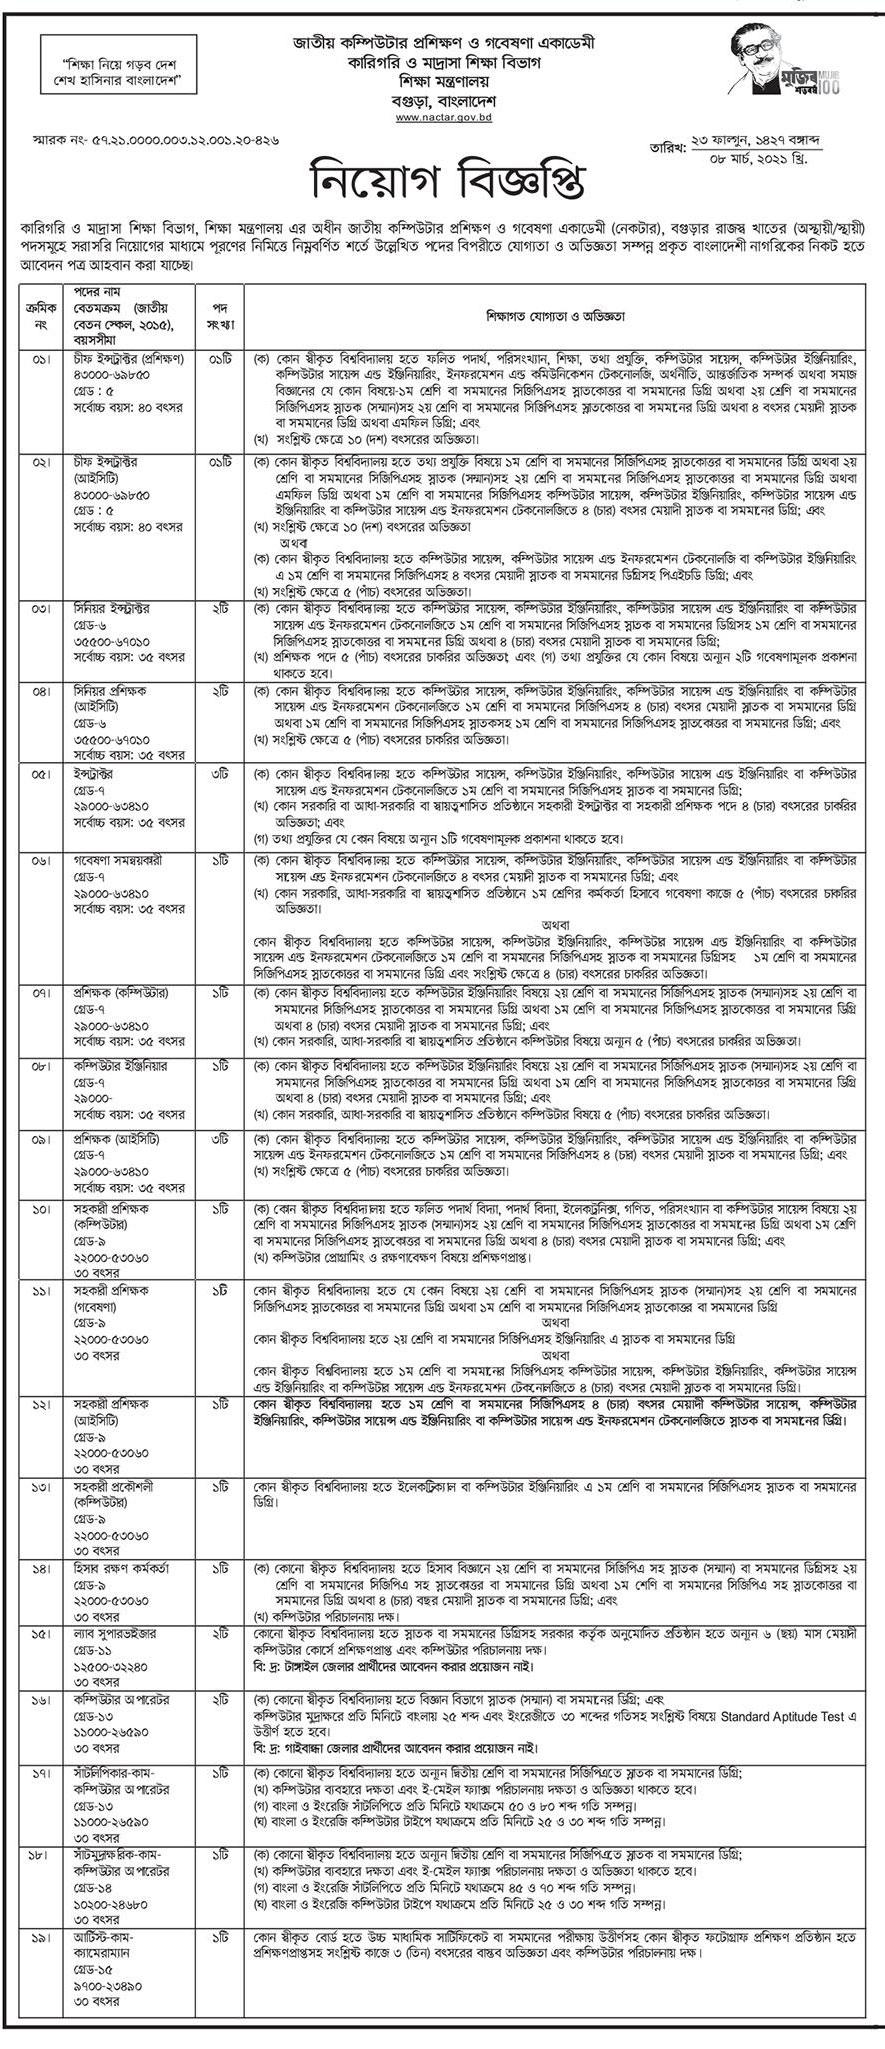 NACTAR Govt Job Circular 2021